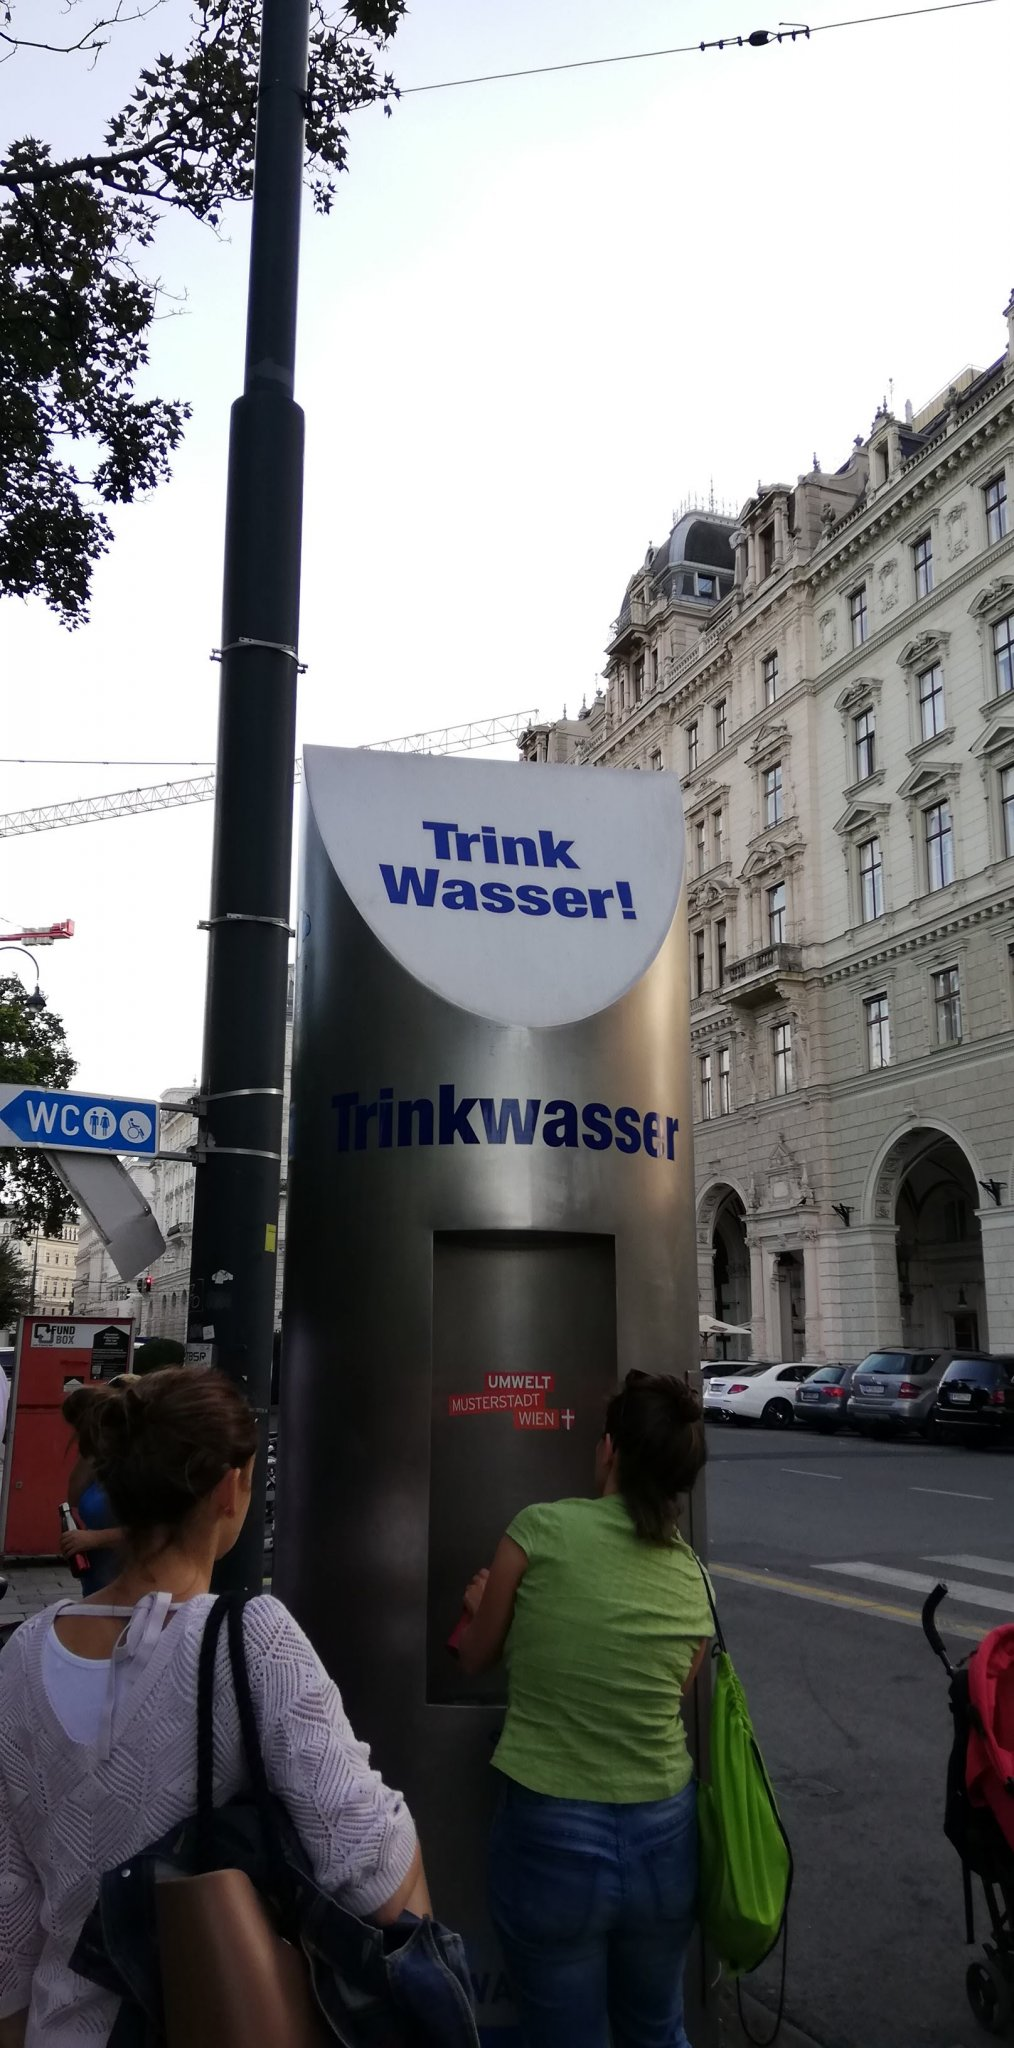 Igyál vizet! (Bécs fizet)